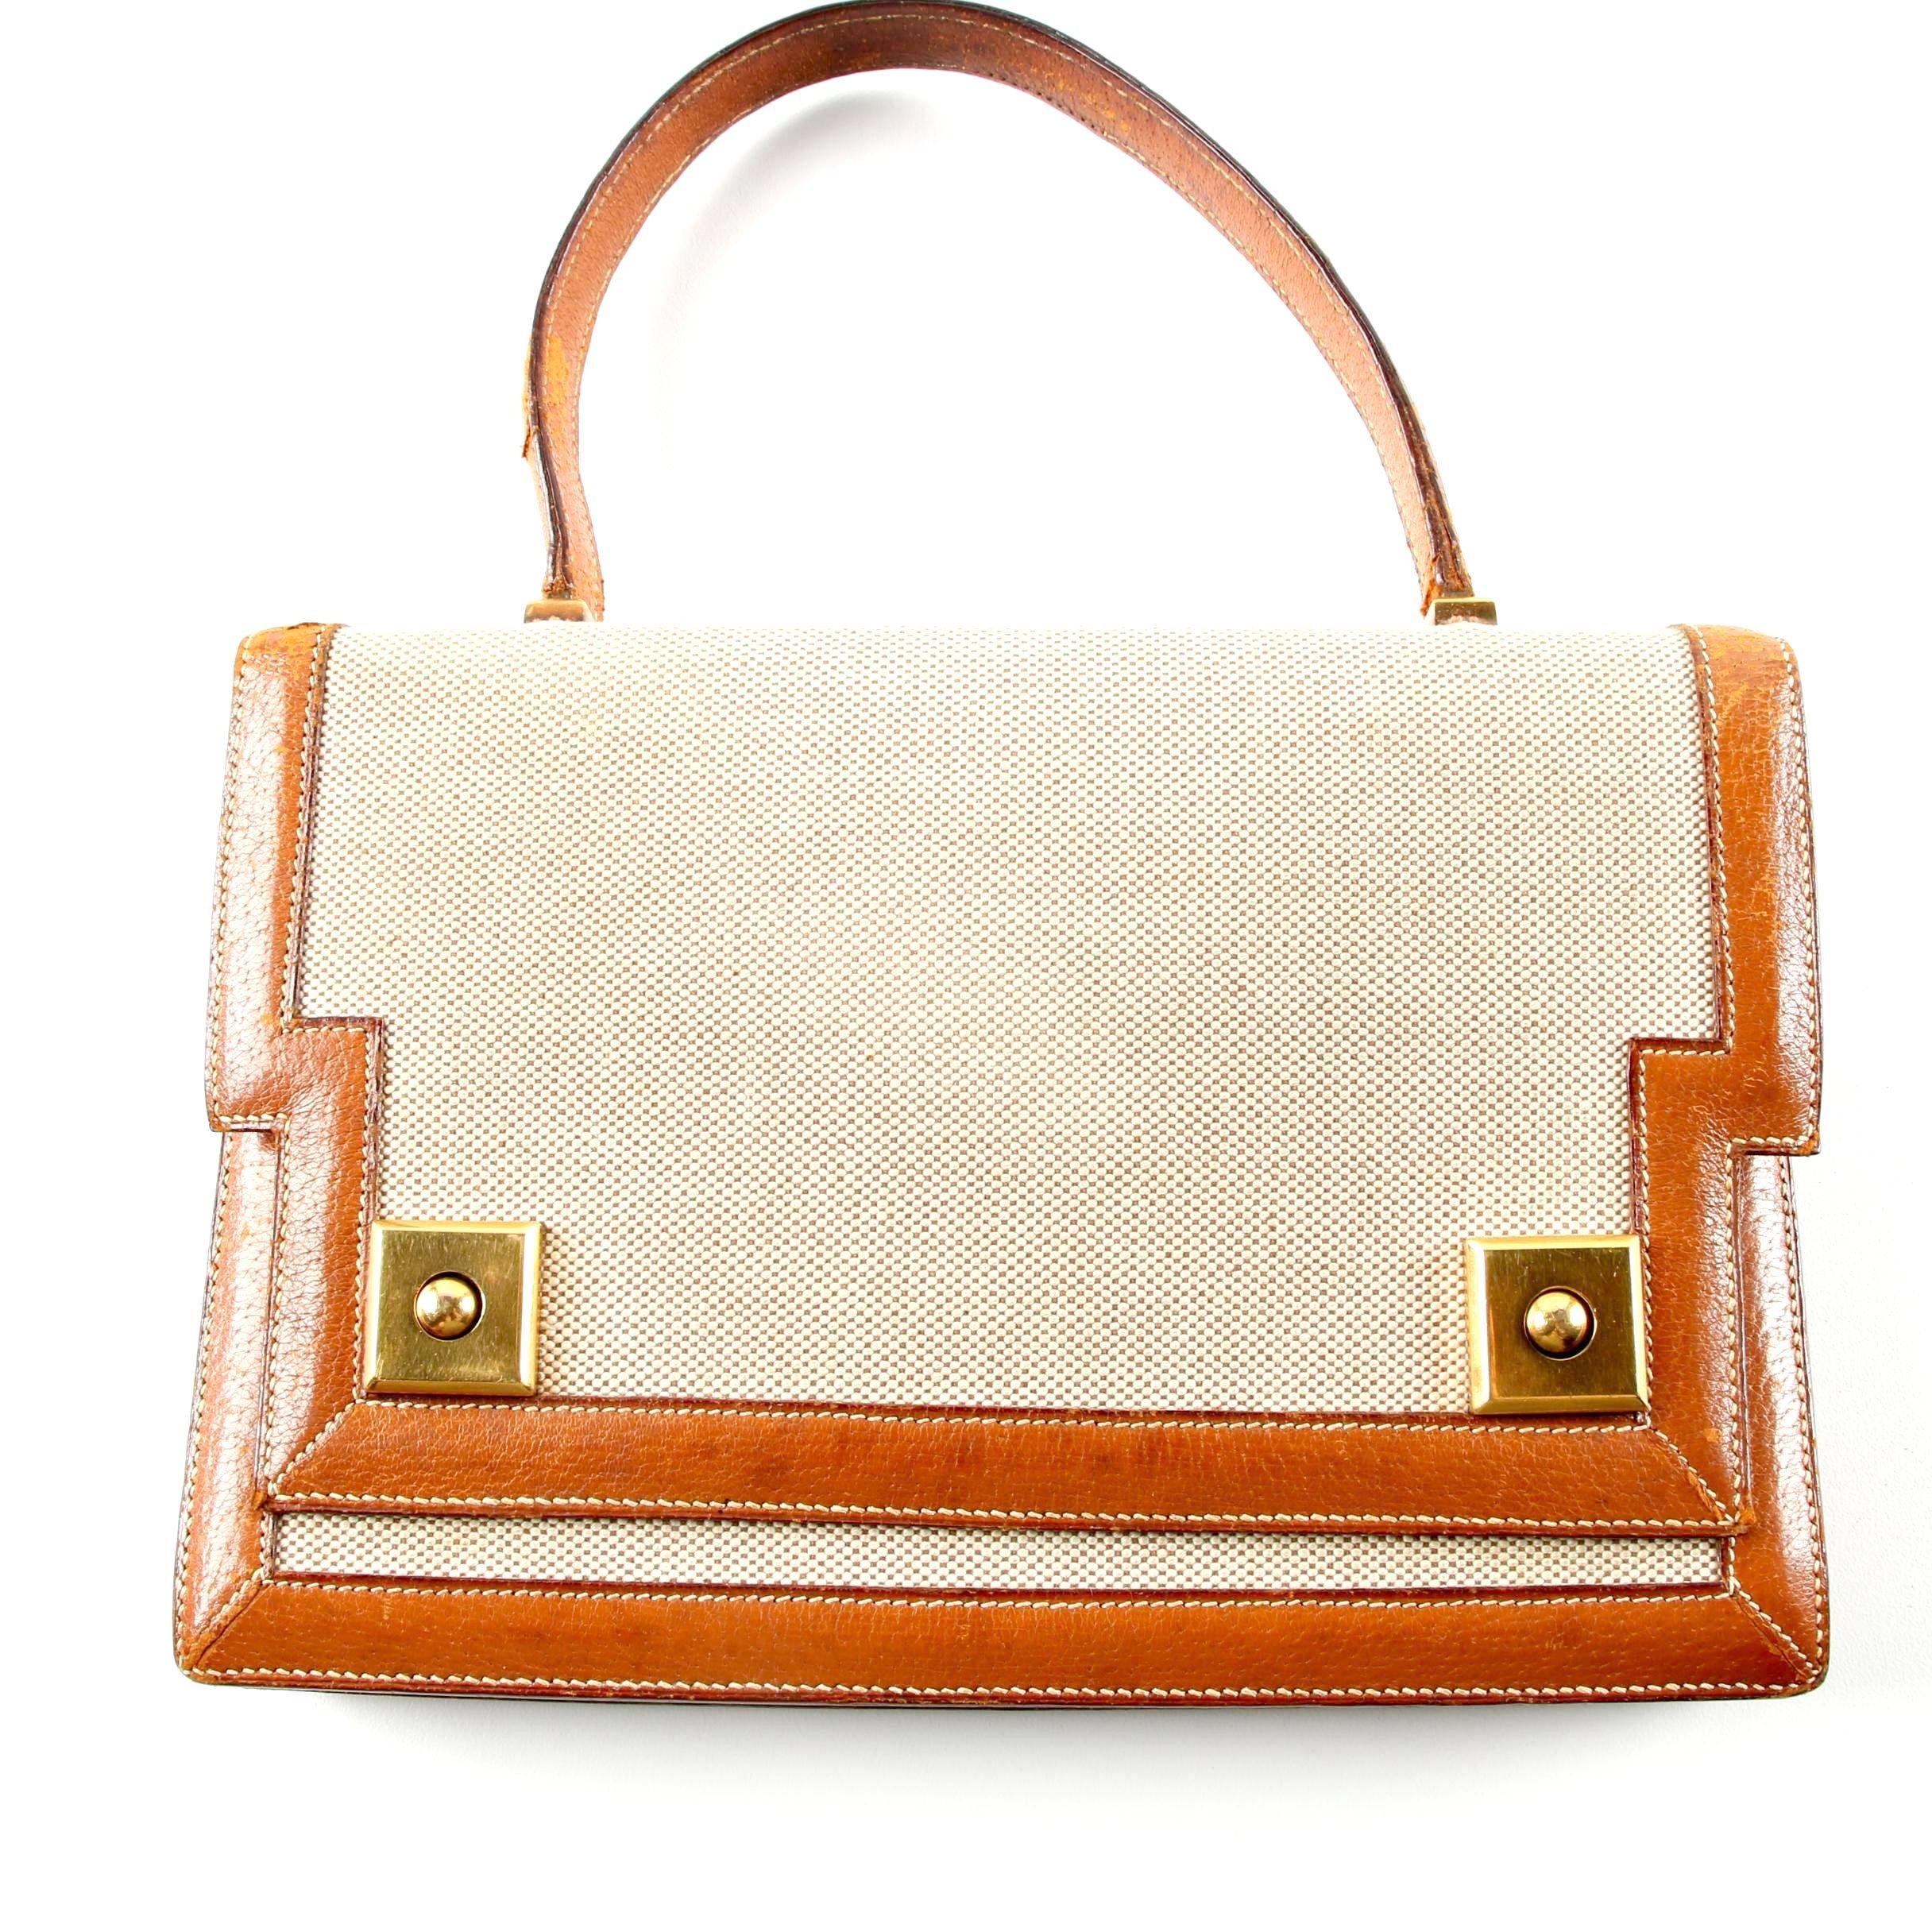 Circa 1960s Vintage Hermès of Paris Piano Top Handle Bag